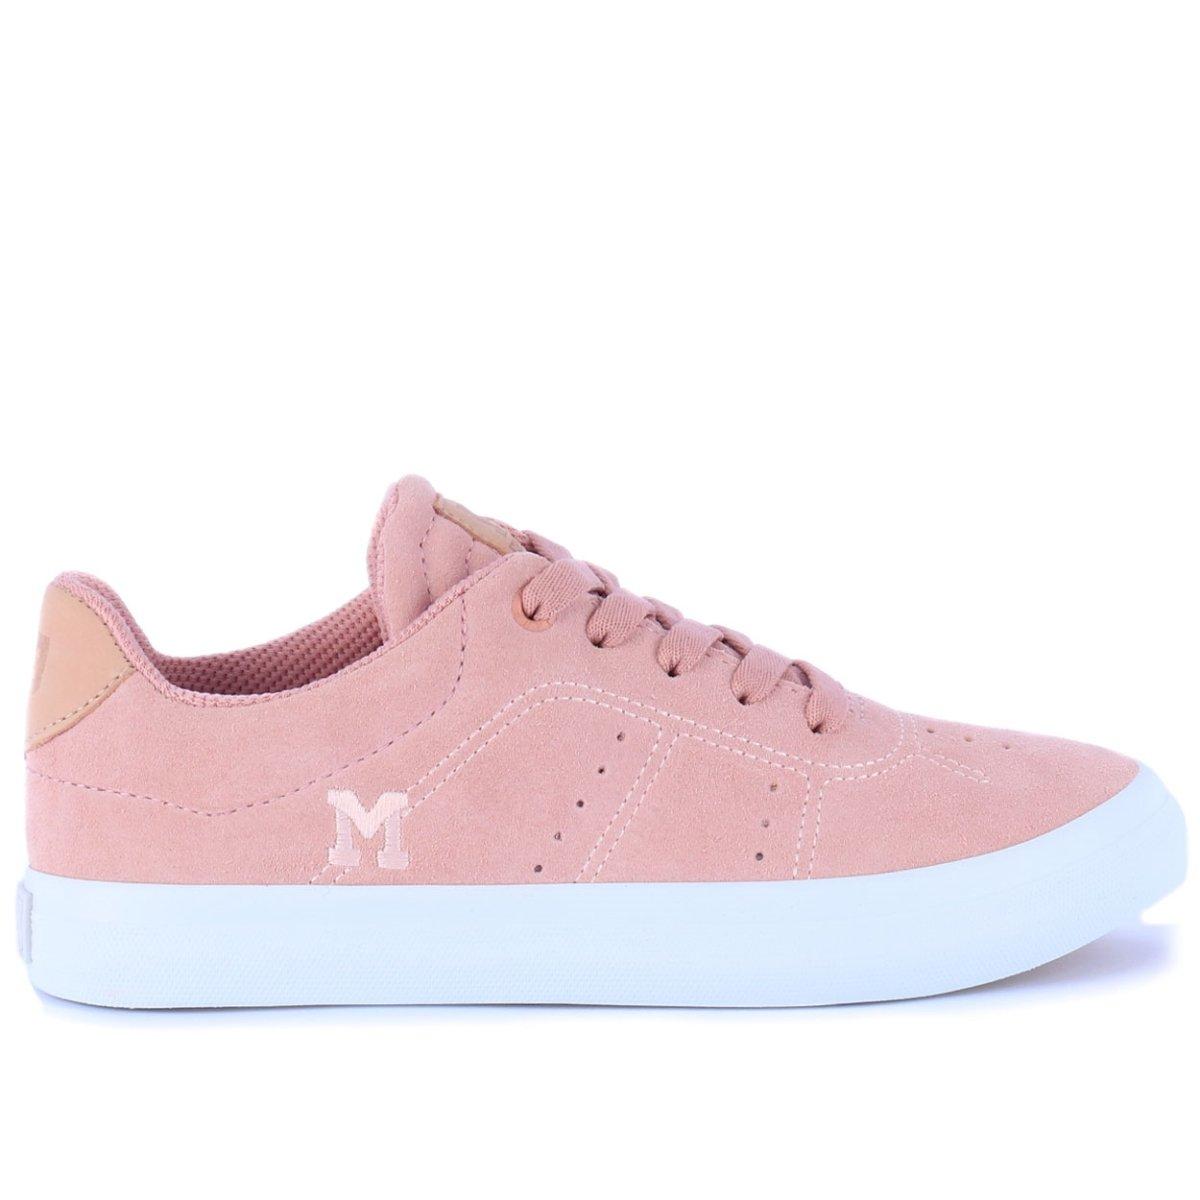 Tênis Mary Jane Skate Plaza Quartz MJ-4123 - Compre Agora  87097aa5a6d